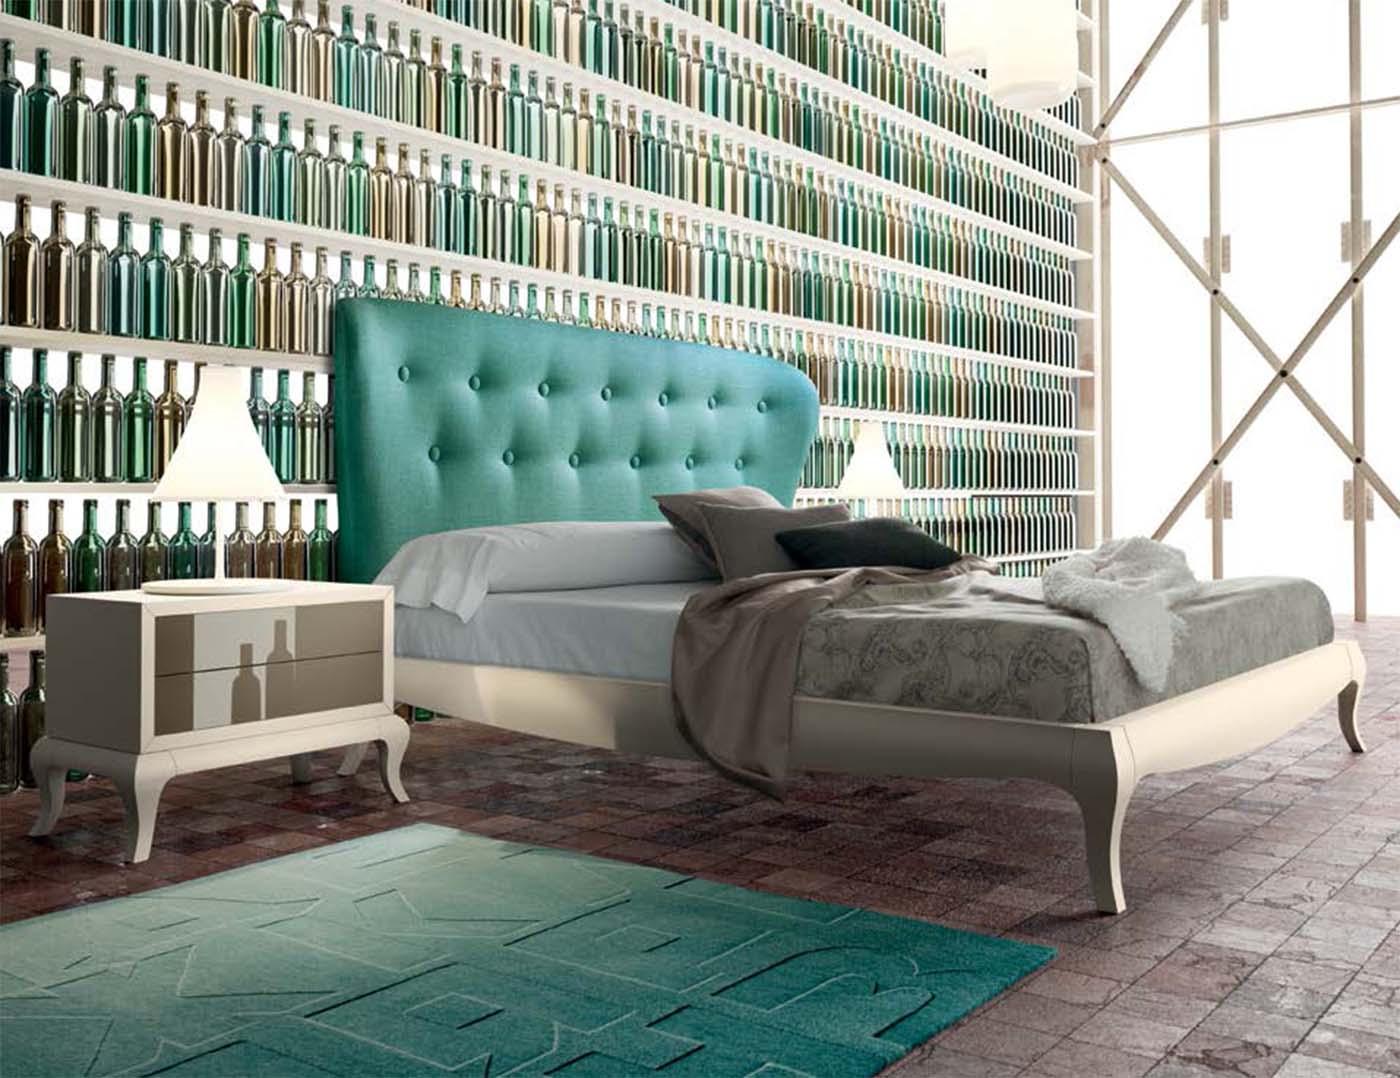 Muebles de dormitorio de dise o en zaragoza for Muebles dormitorio zaragoza